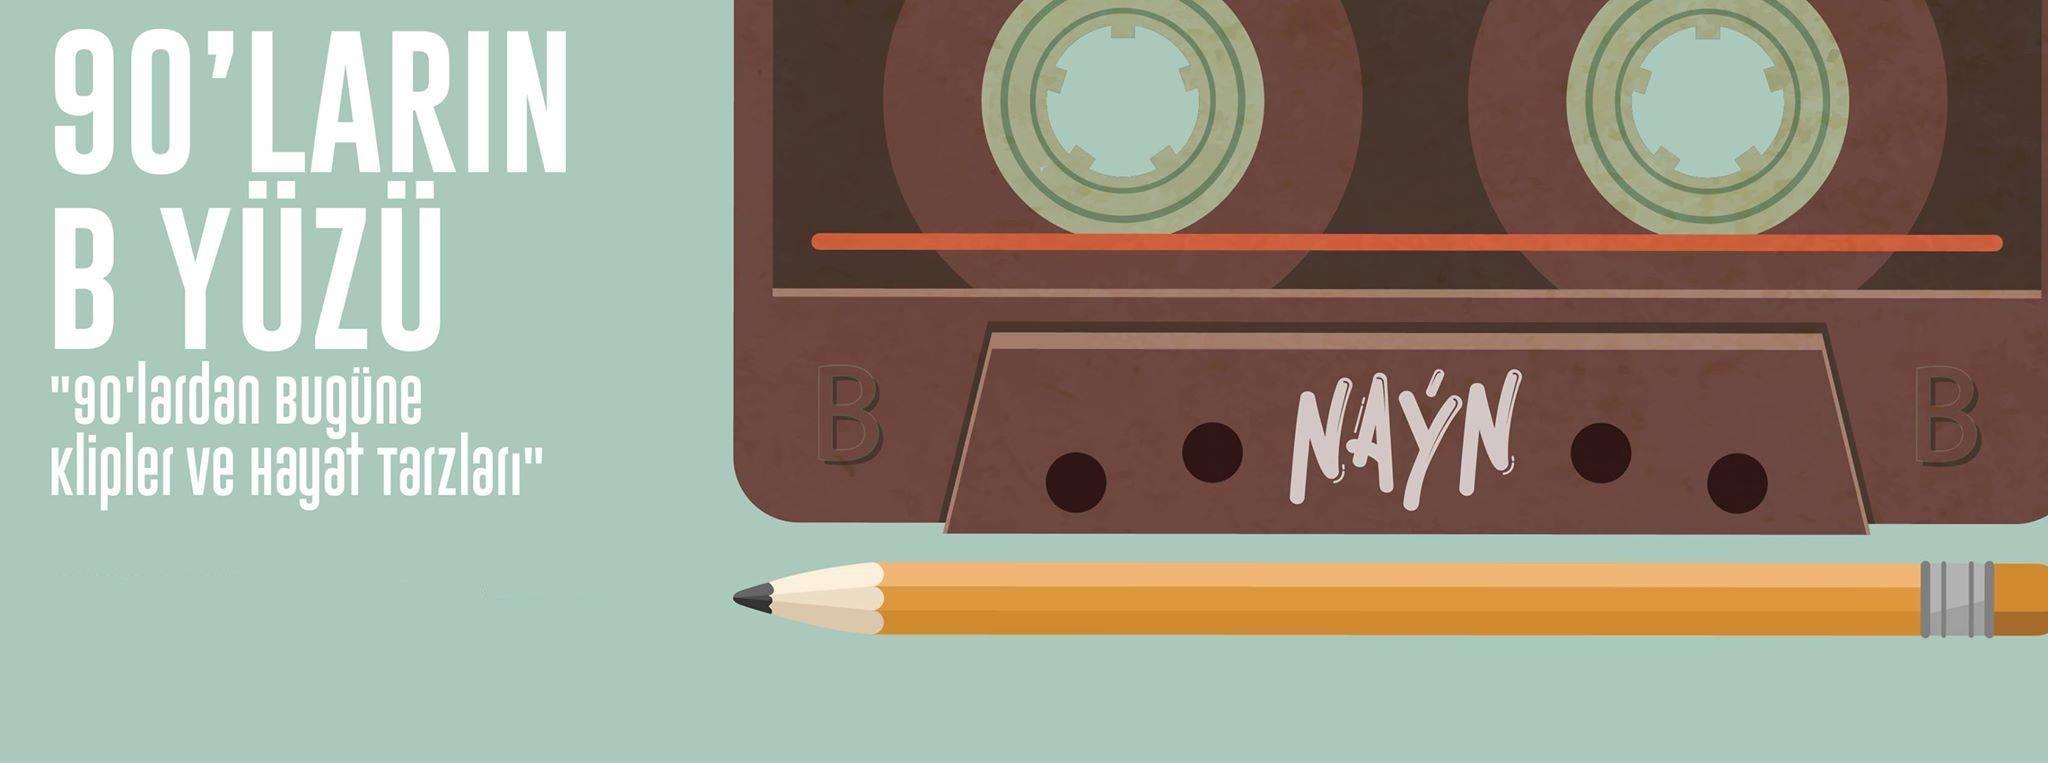 nayn6